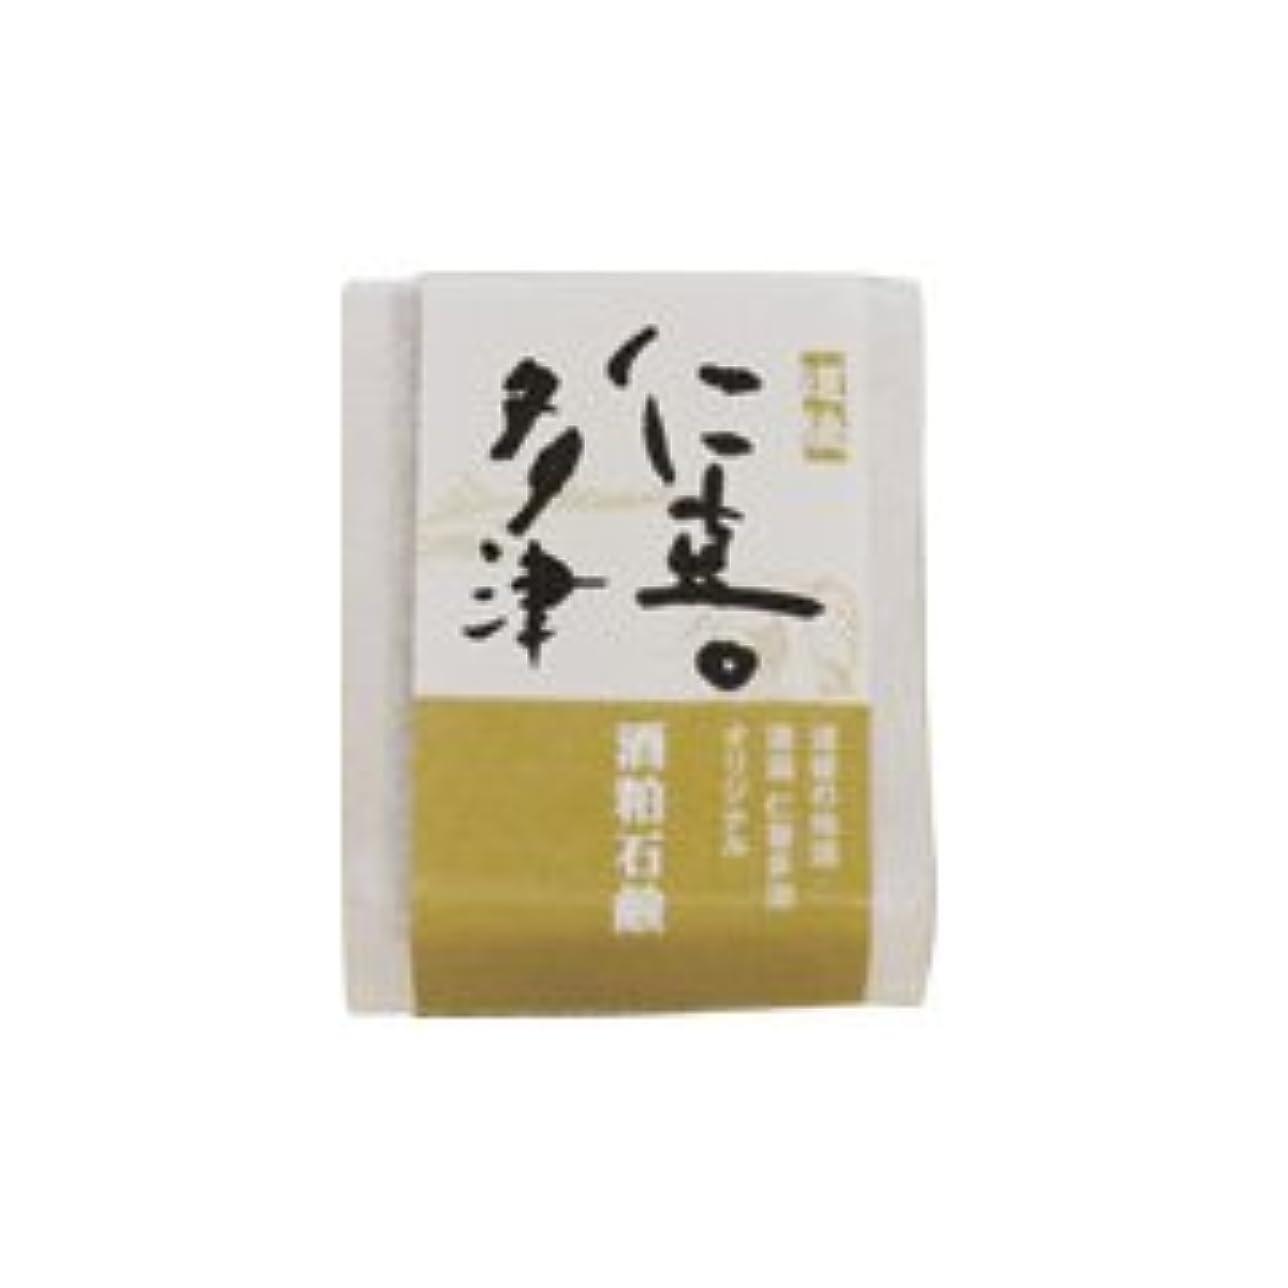 分子スクワイア細分化する仁喜多津 オリジナル 酒粕石鹸 60g